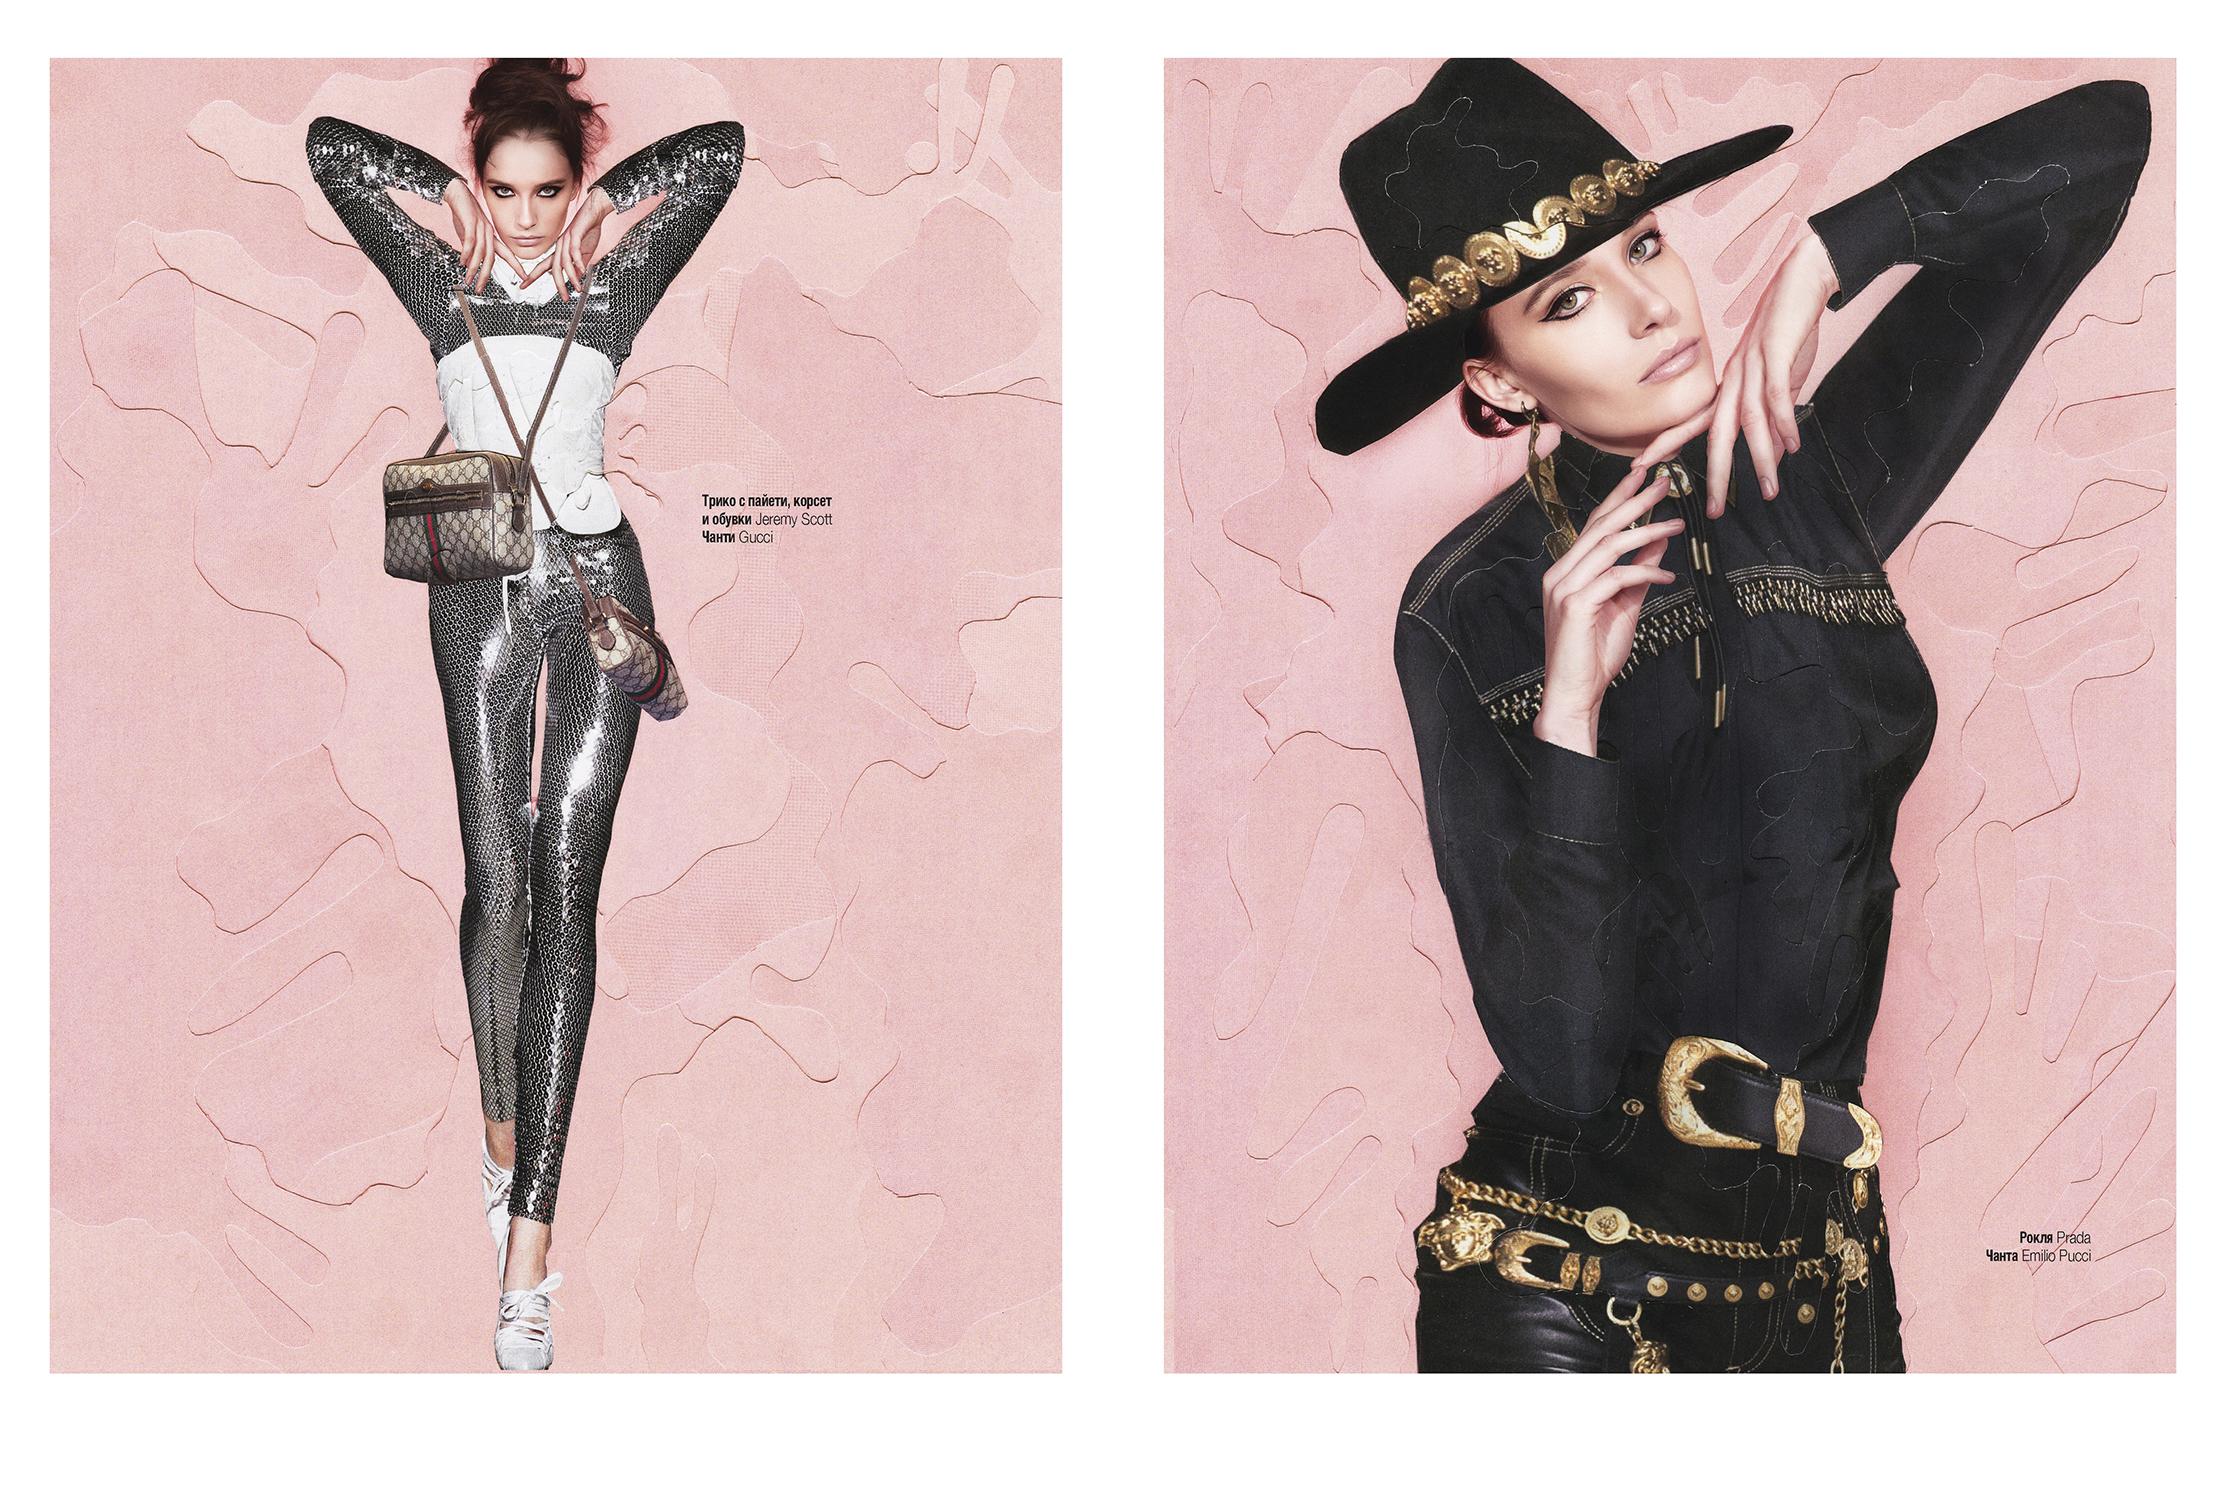 GlamourBulgaria_Double4sm.jpg